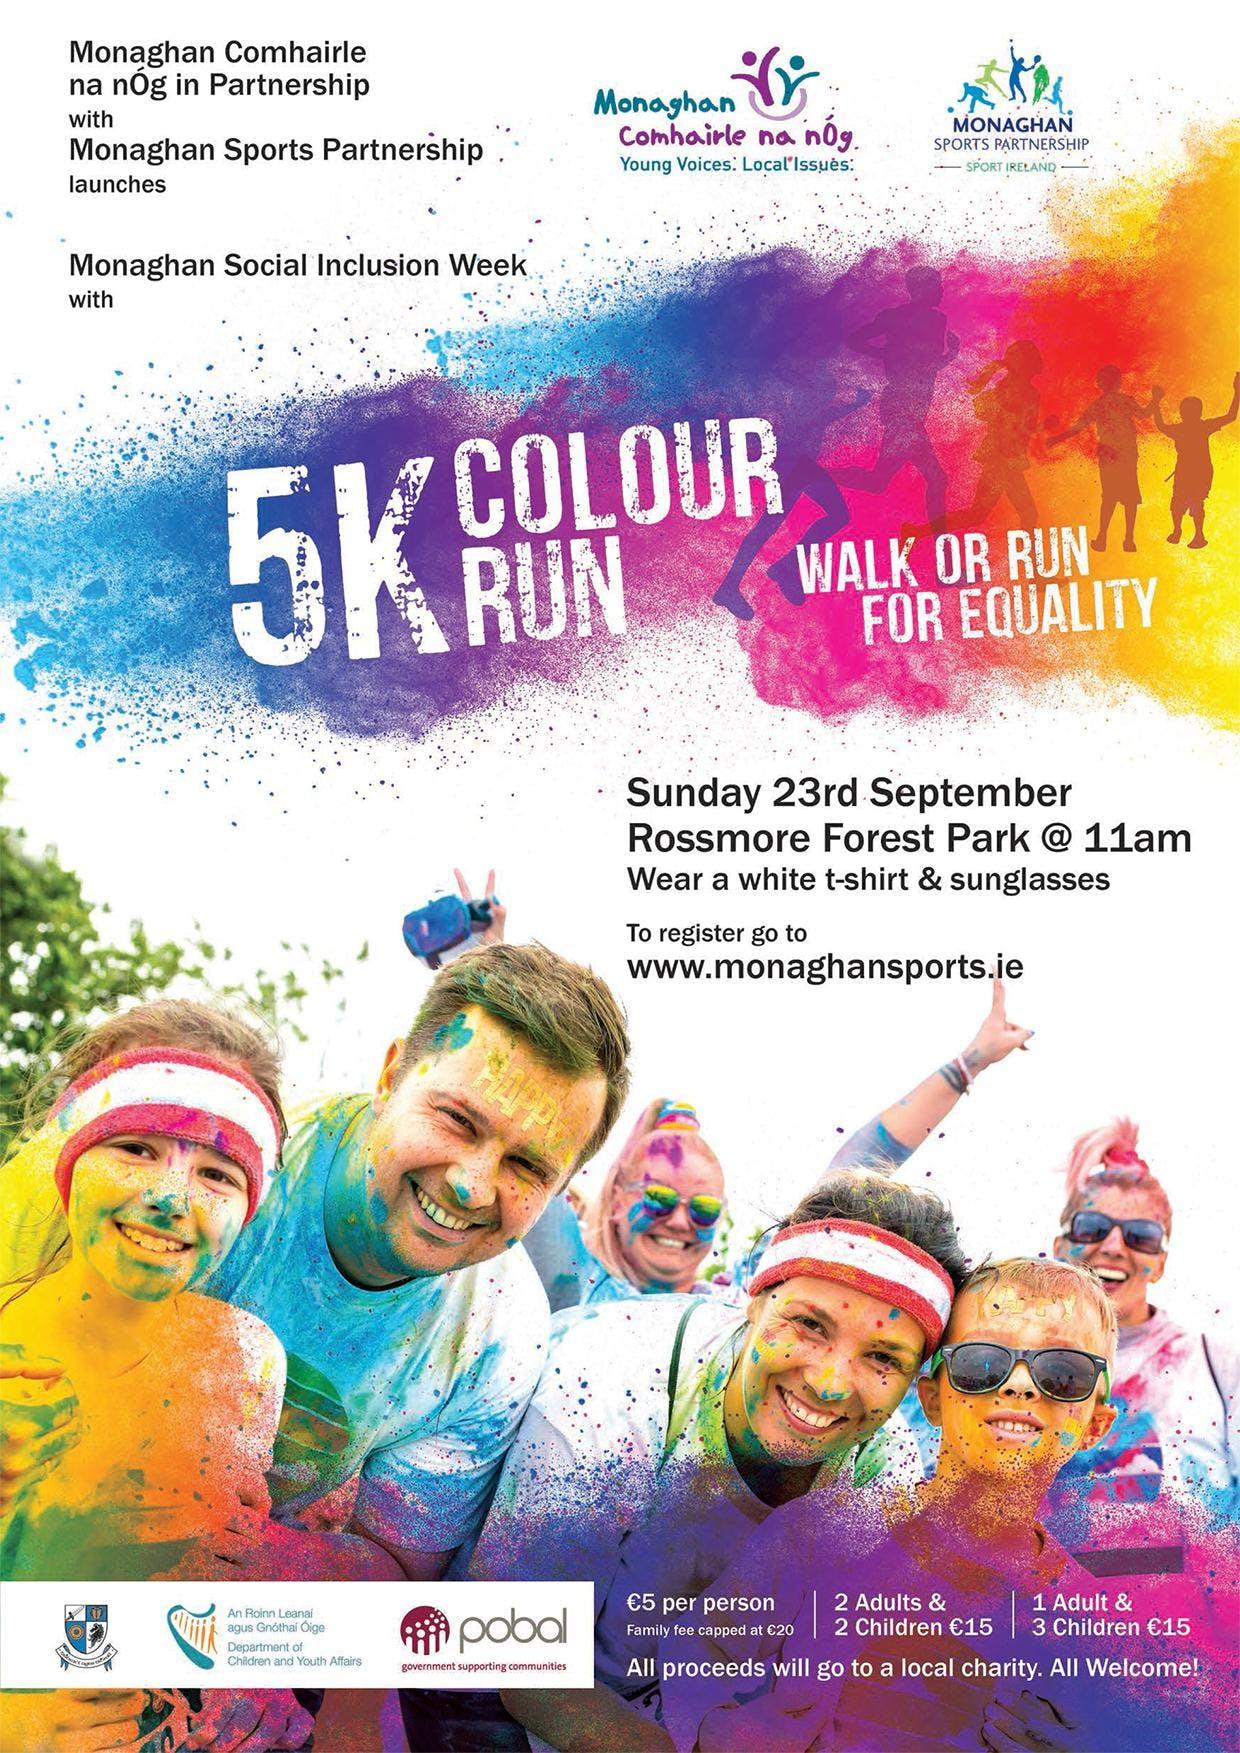 5km Colour Run for Fun (Monaghan)